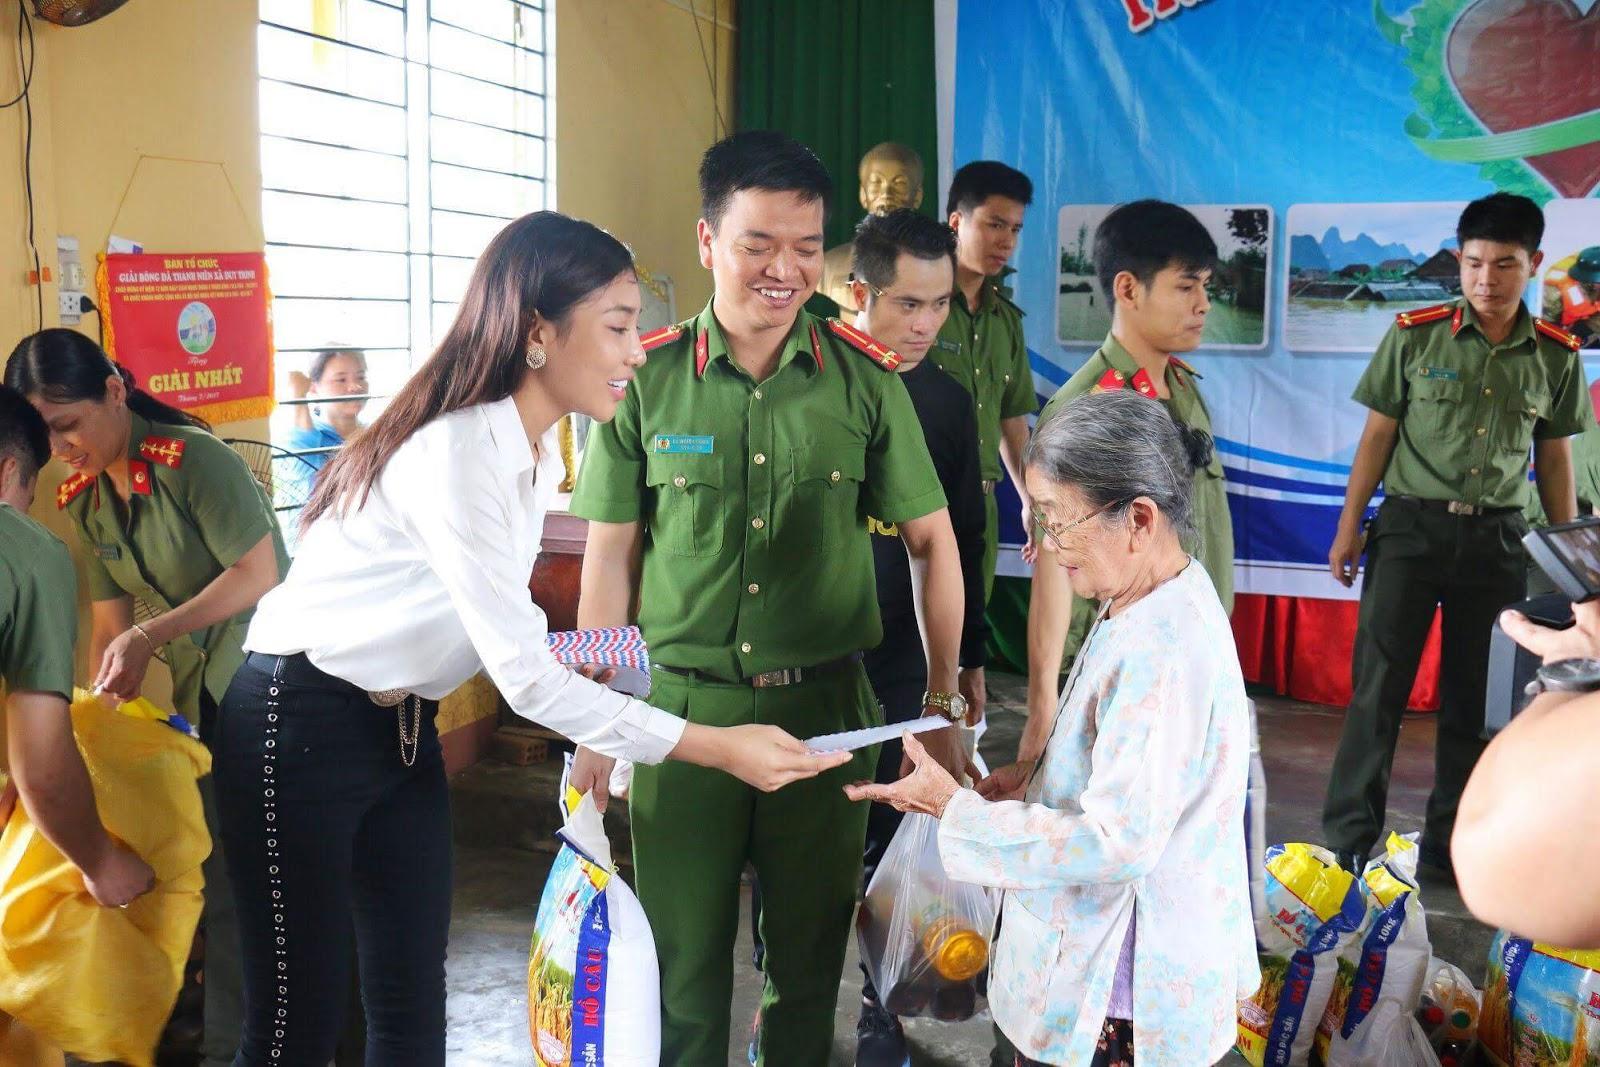 Hoa hậu Nhân ái Linh Huỳnh cùng đoàn CATPĐN chung tay góp sức với đông bào miền lũ